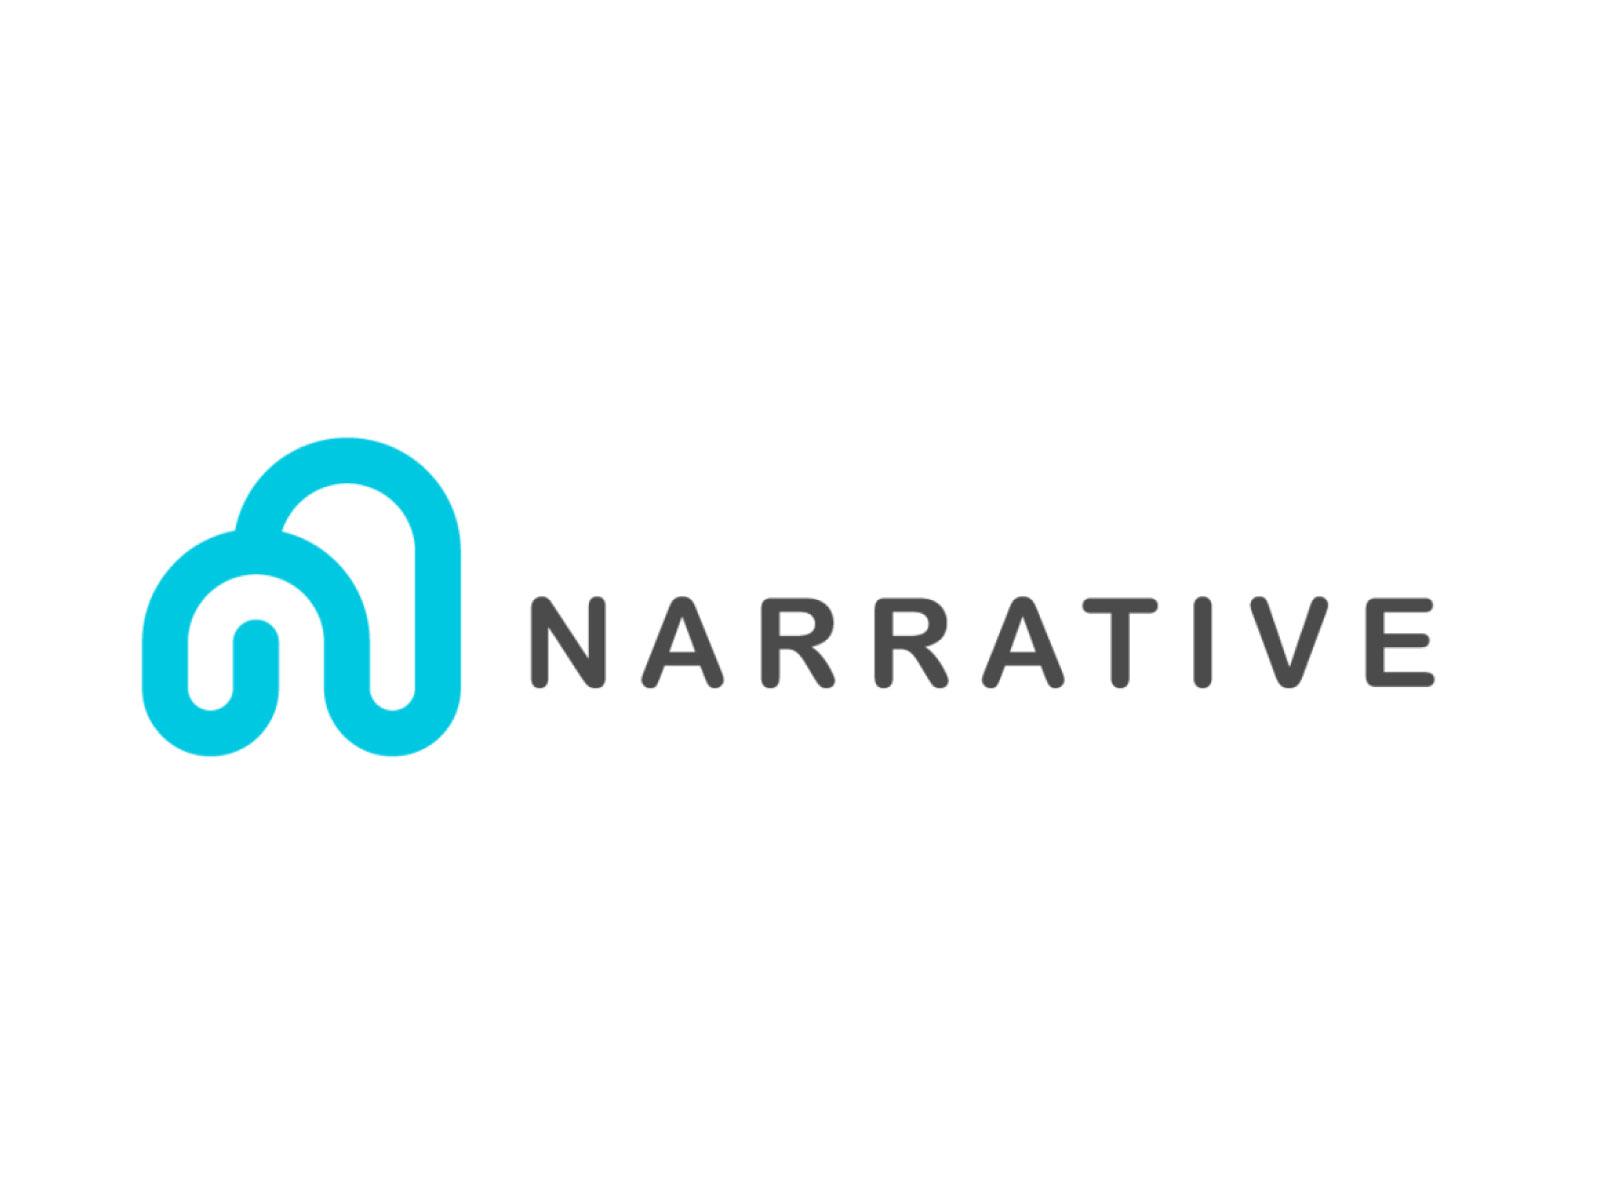 David_Landon_Voice_Actor_narrativelogo.jpg